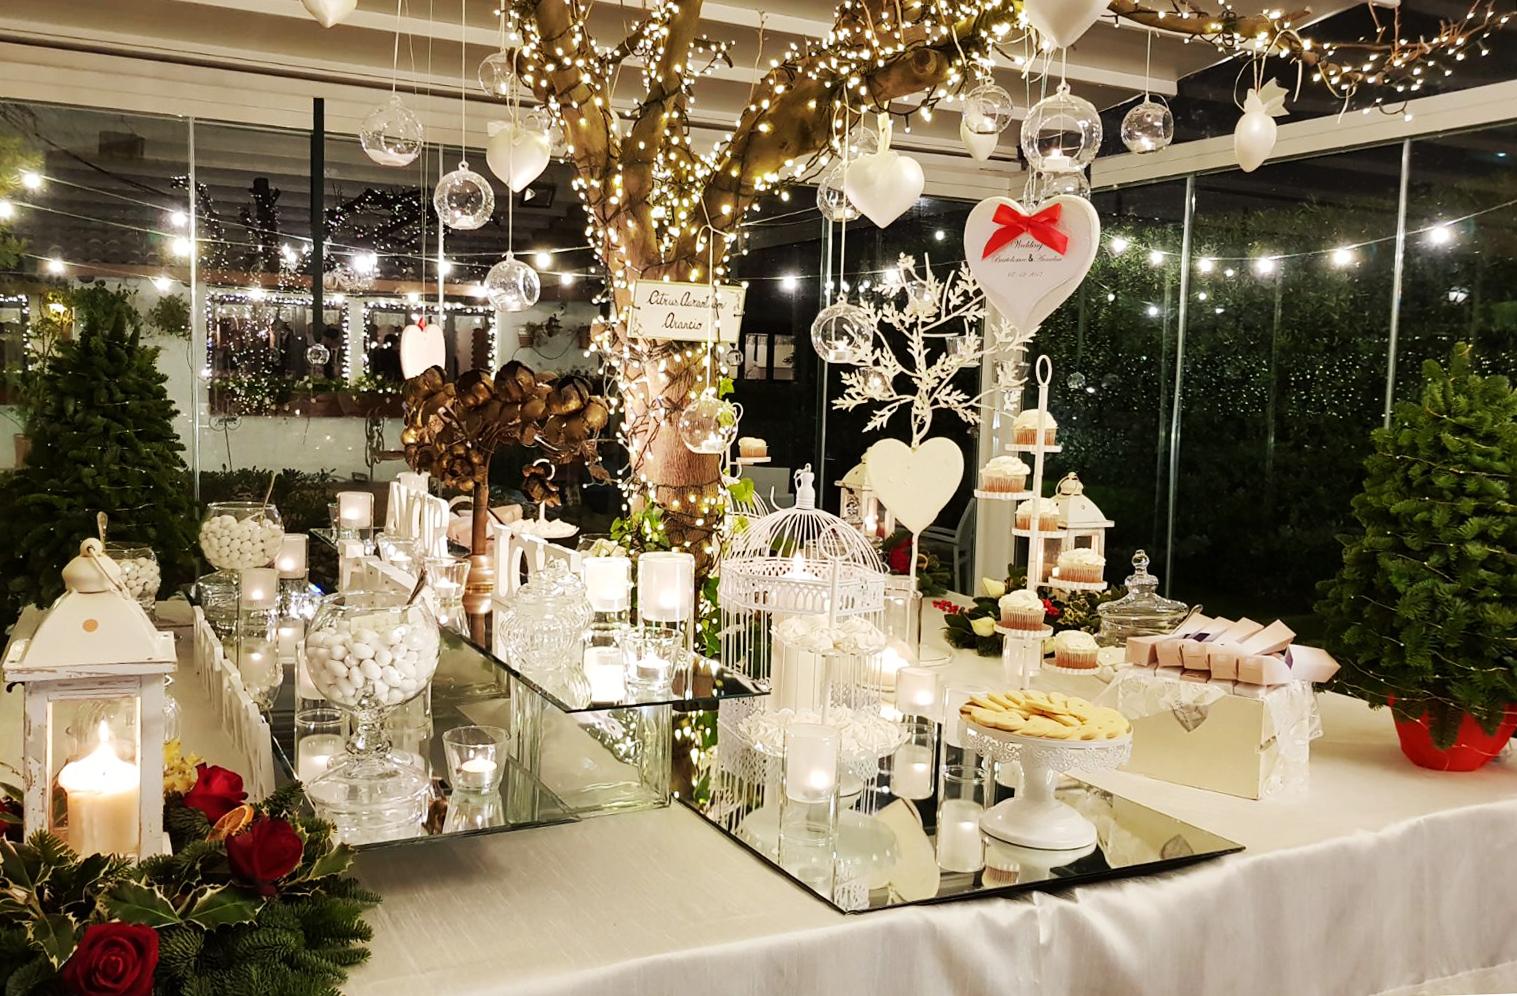 matrimonio a dicembre idee